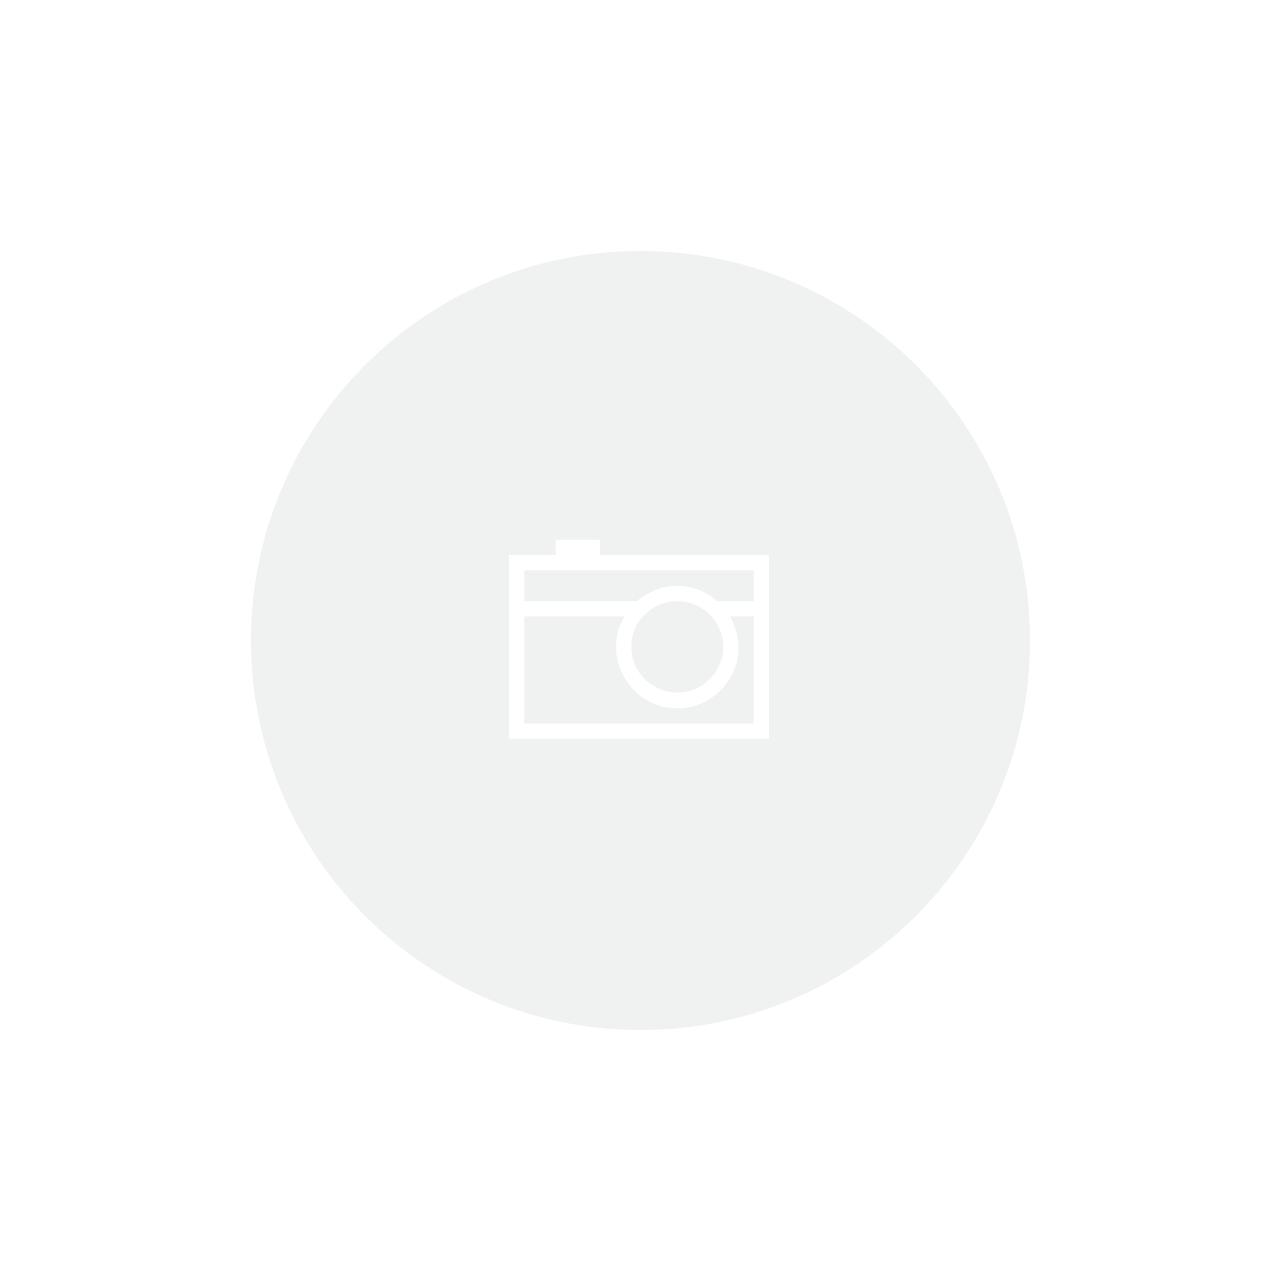 Batedor Manual Nylon Cinza com Vermelho Utilita Tramontina